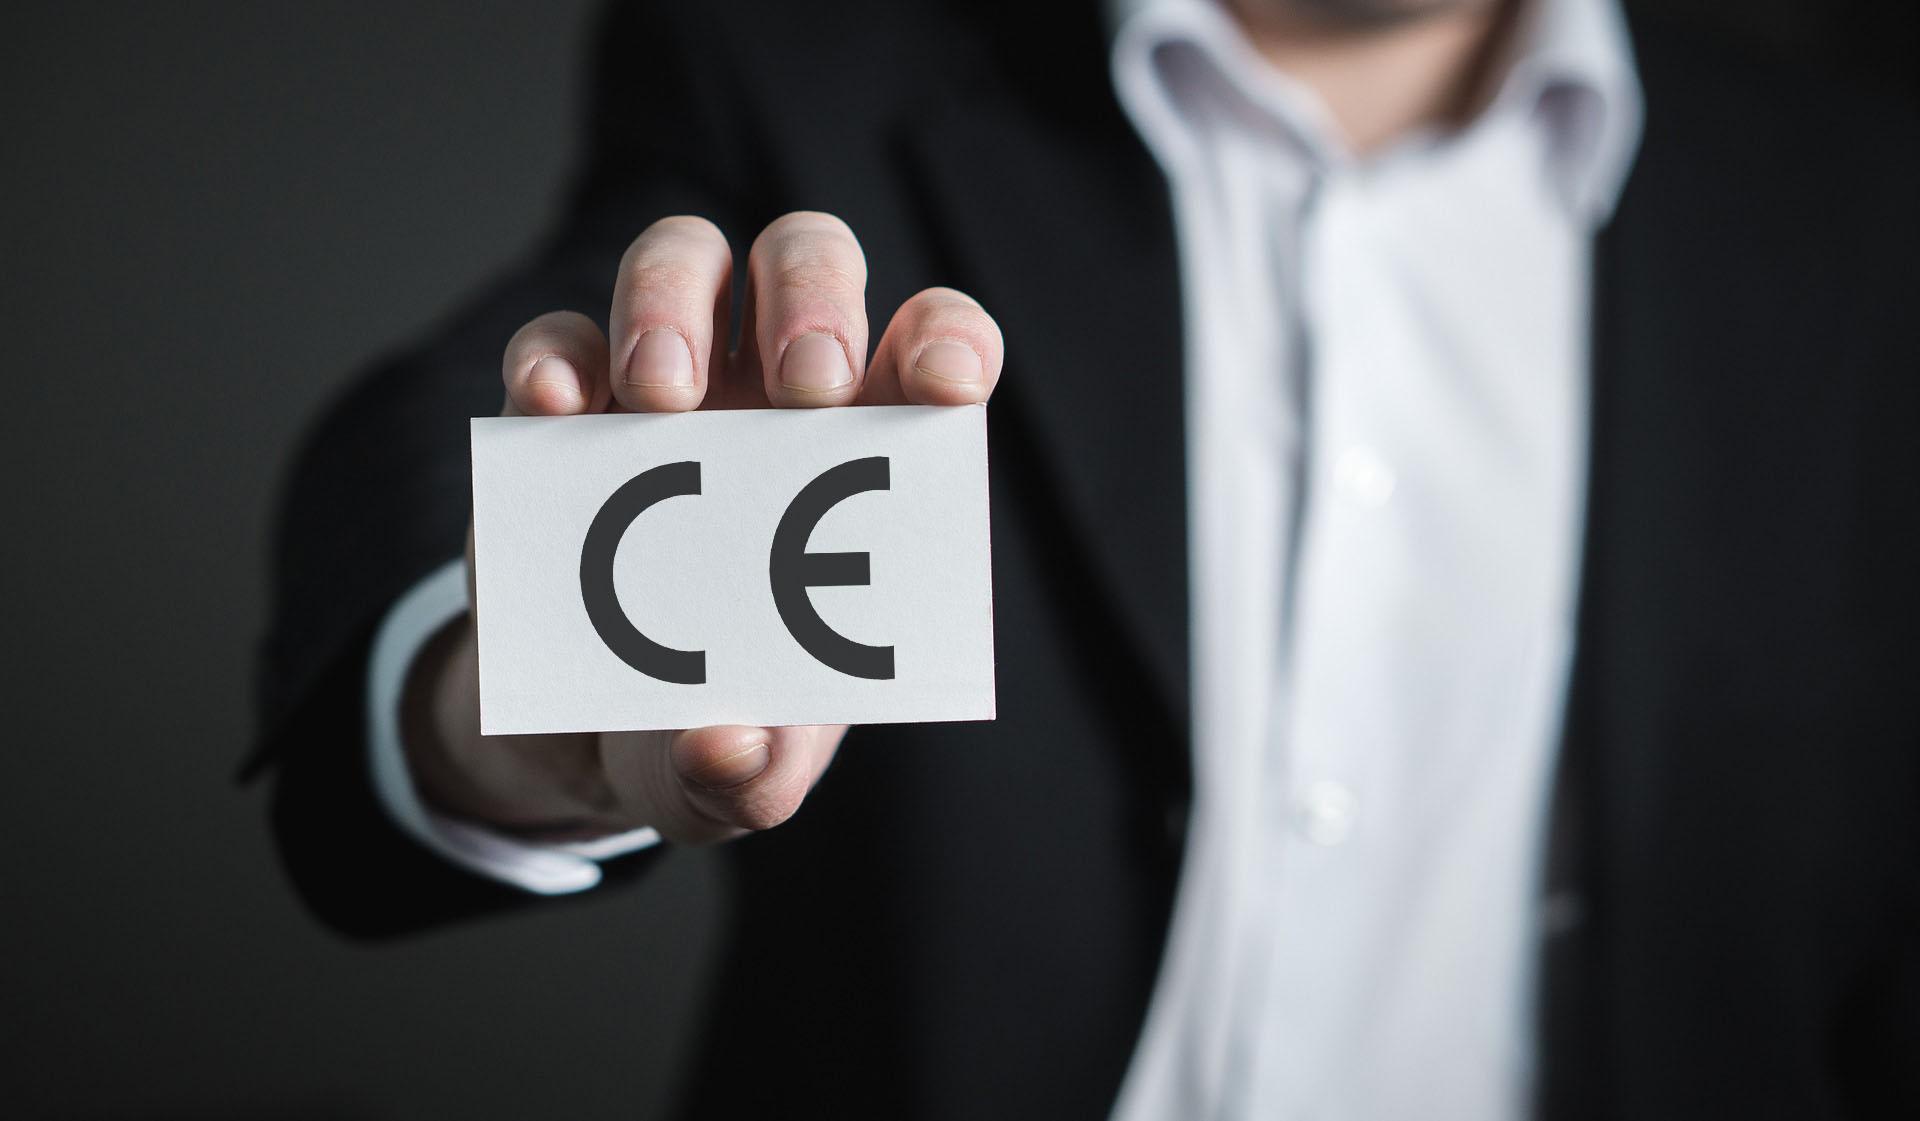 » ¿Qué es el Marcado CE?